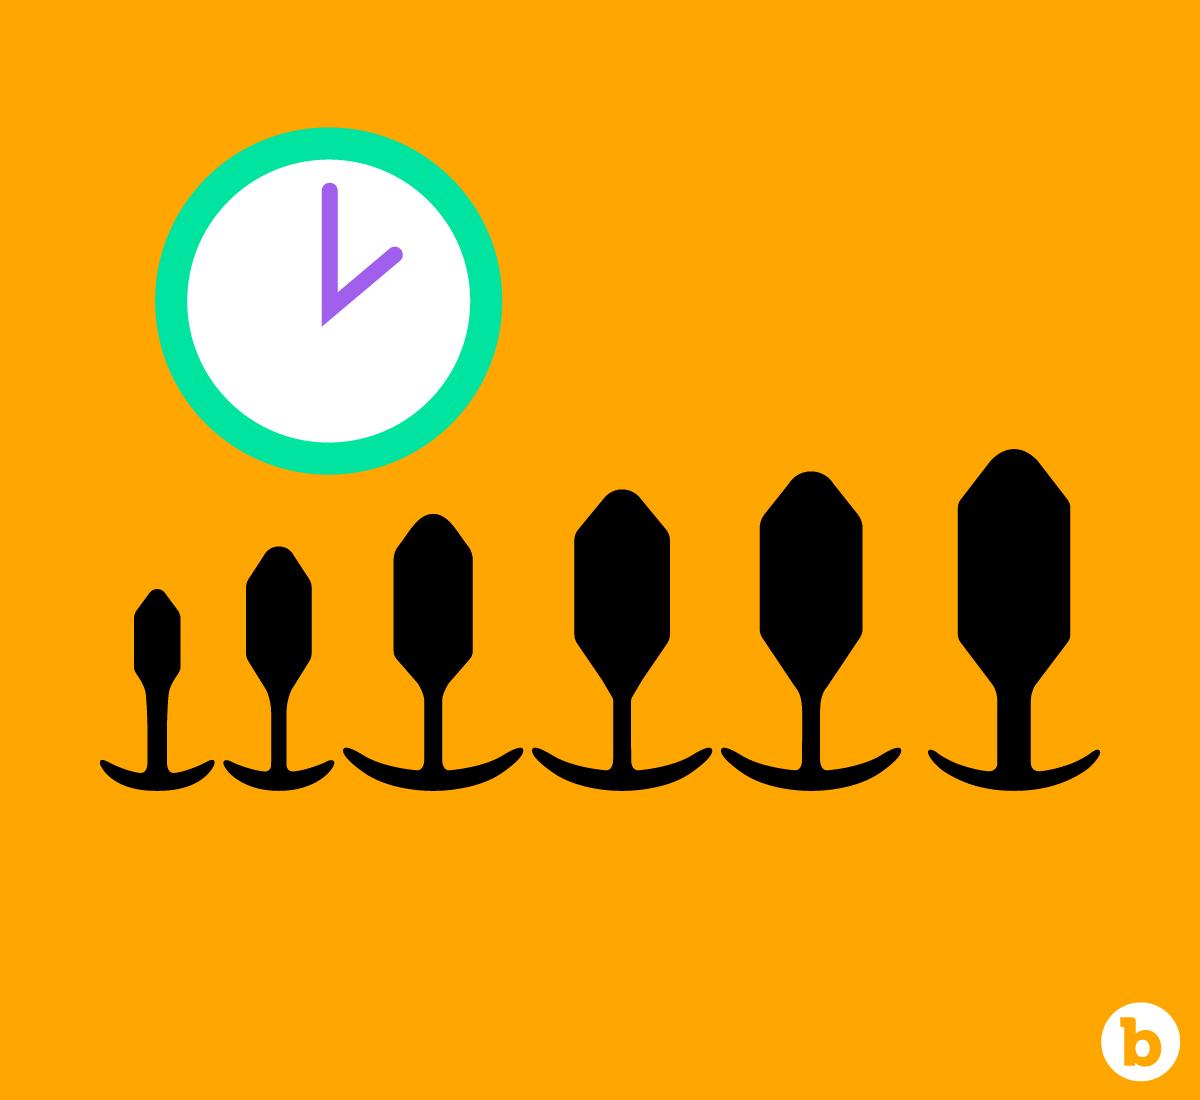 Snug Plugs provide a feeling of fullness for extender wear seekers